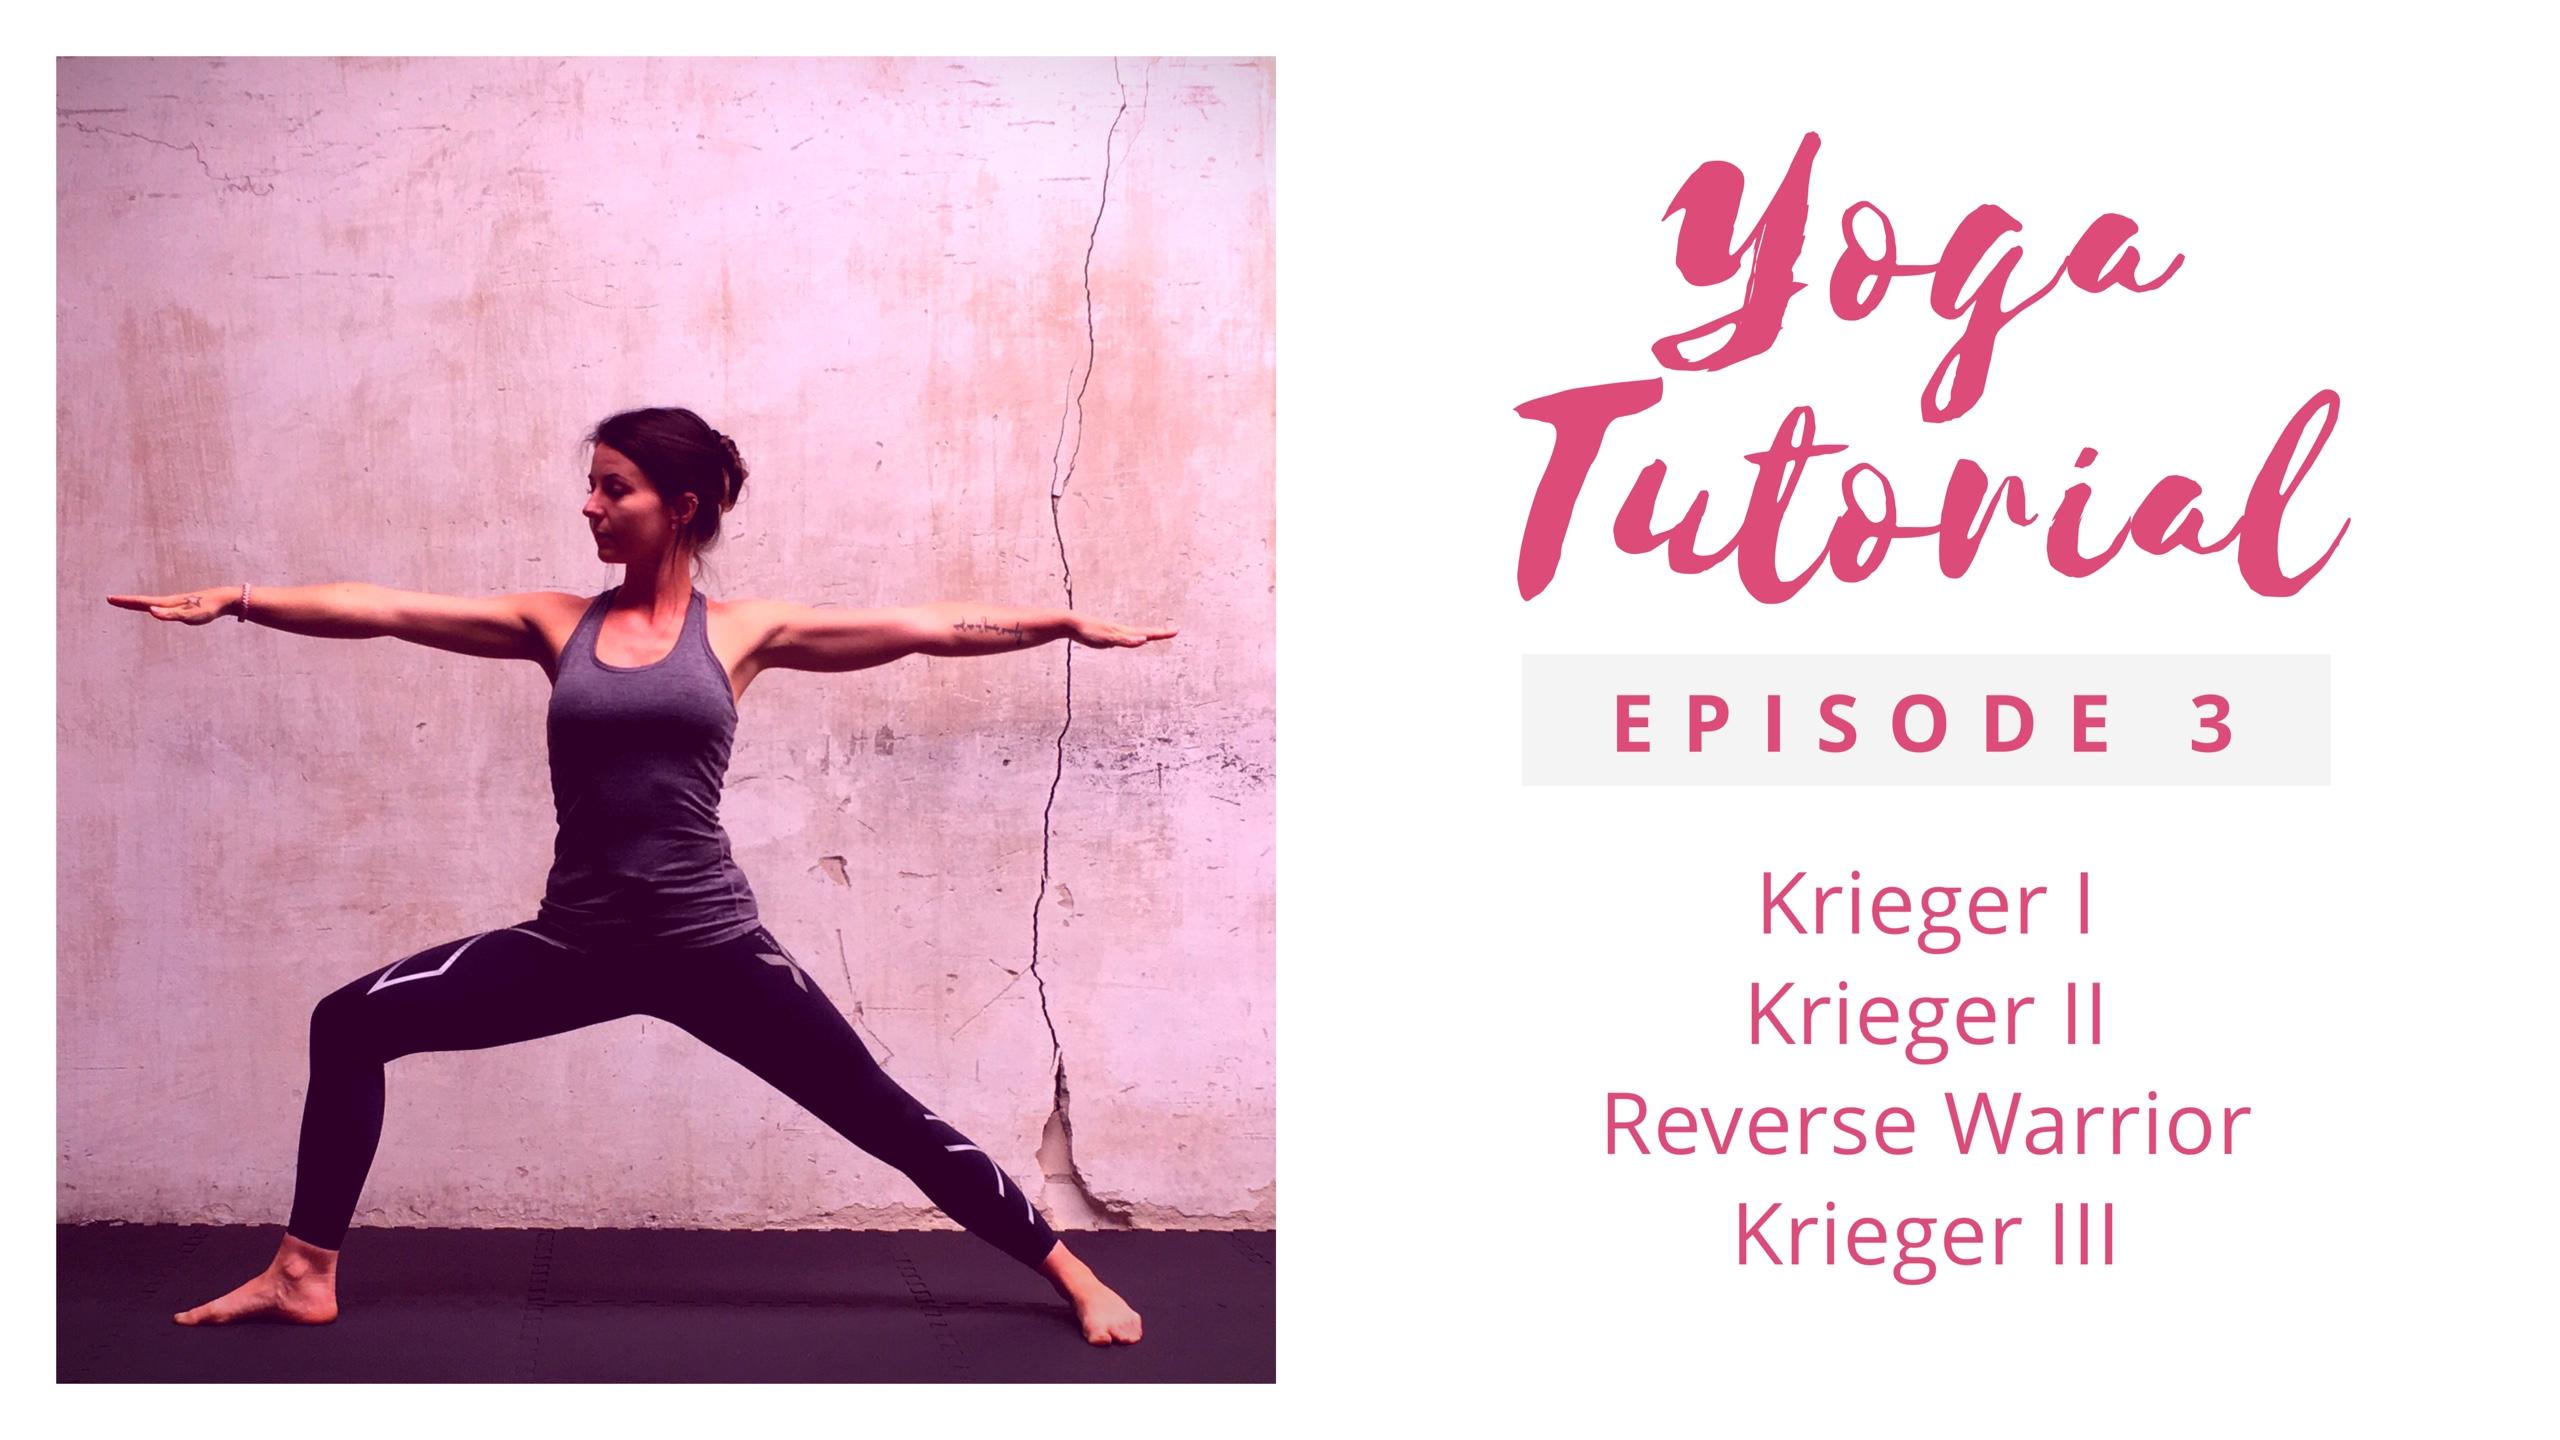 Yoga Tutorial 3 – Krieger I,II, Reverse & Krieger III